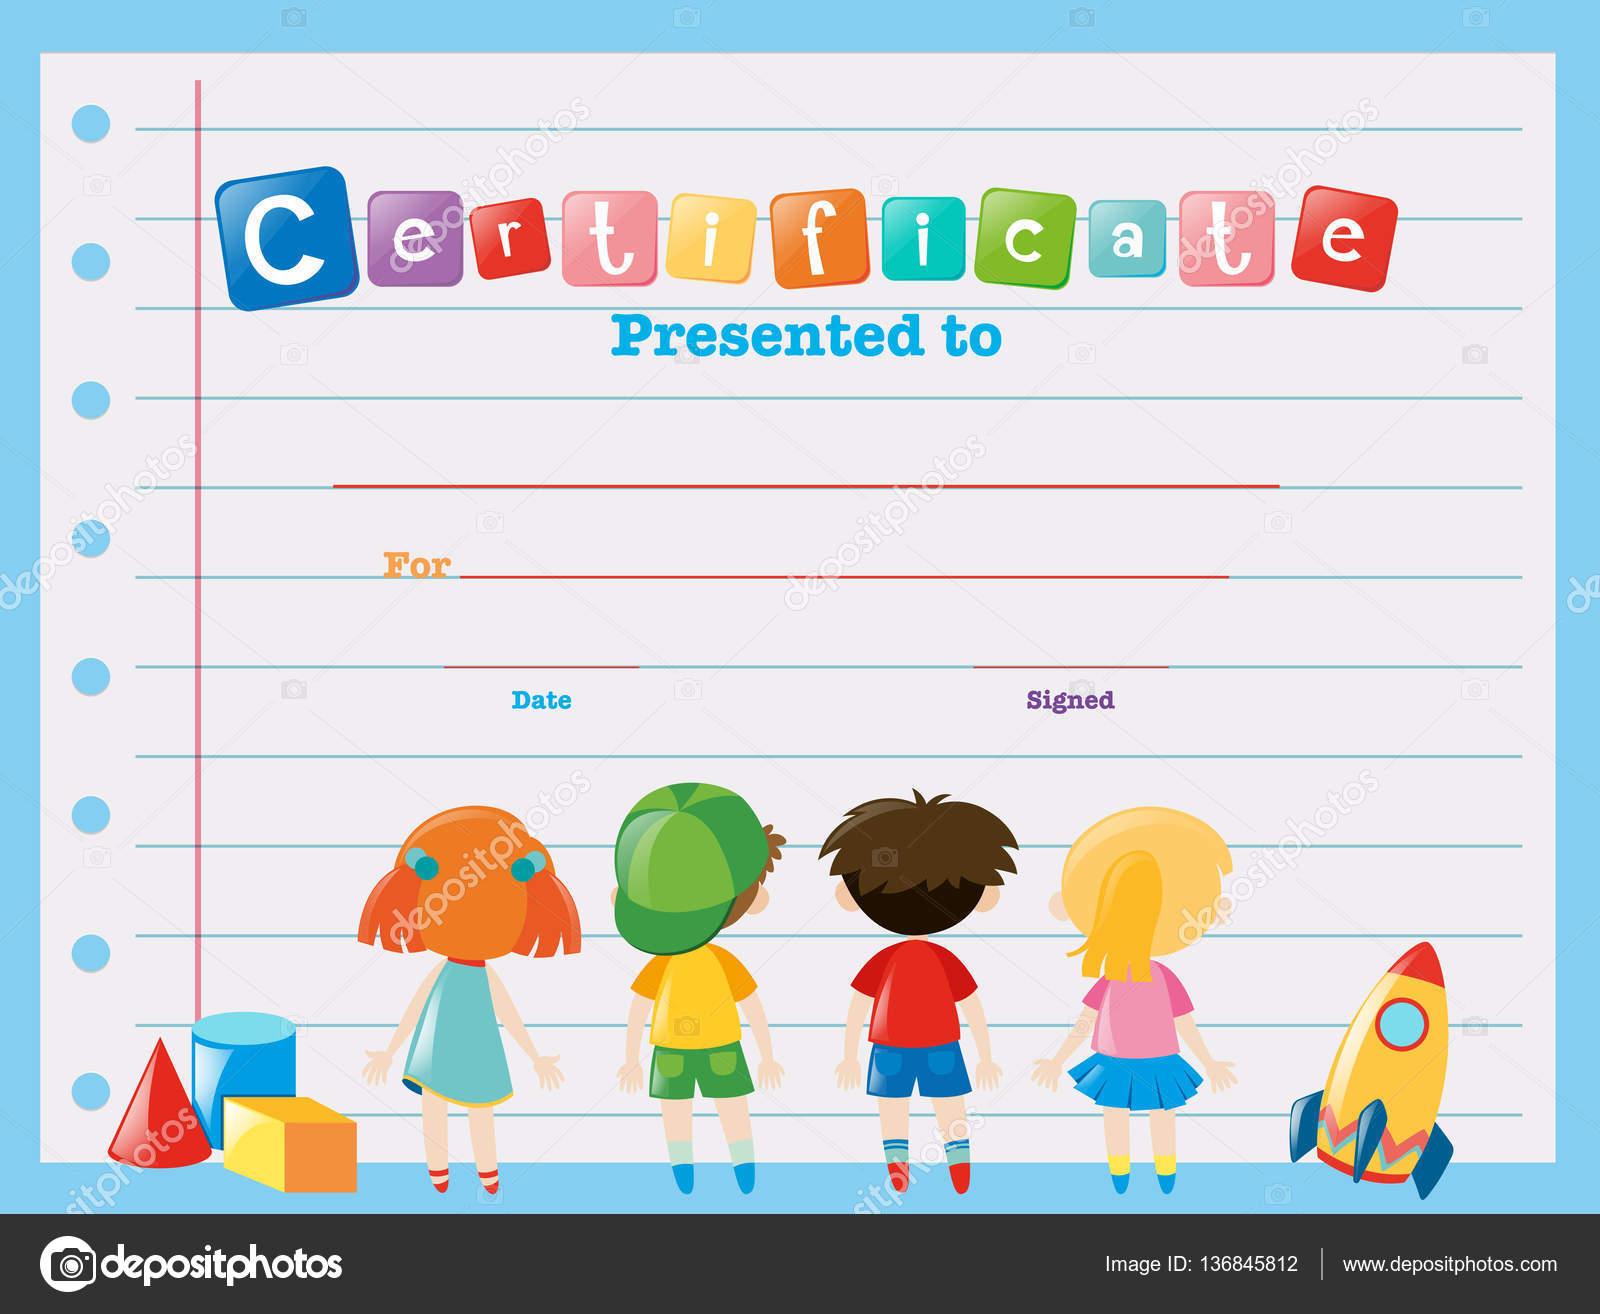 Zertifikat-Vorlage mit Kindern — Stockvektor © brgfx #136845812